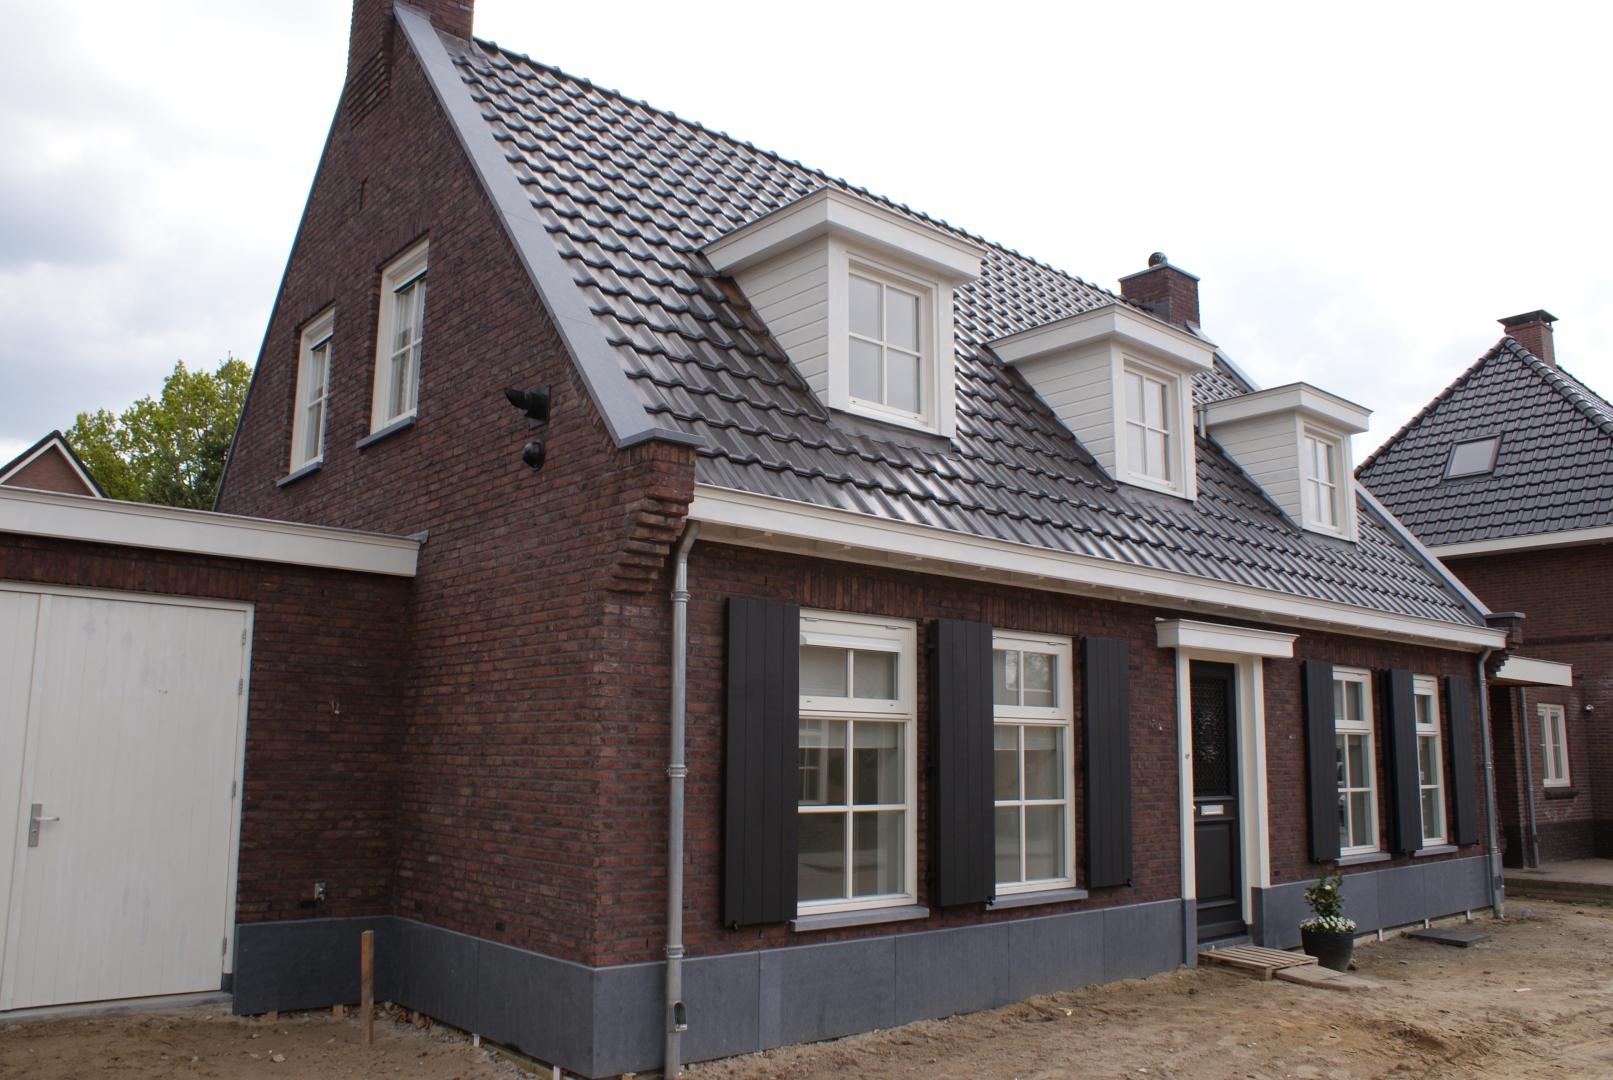 Nieuwbouw vrijstaand herenhuis aan de Akkermaalshout in Ermelo